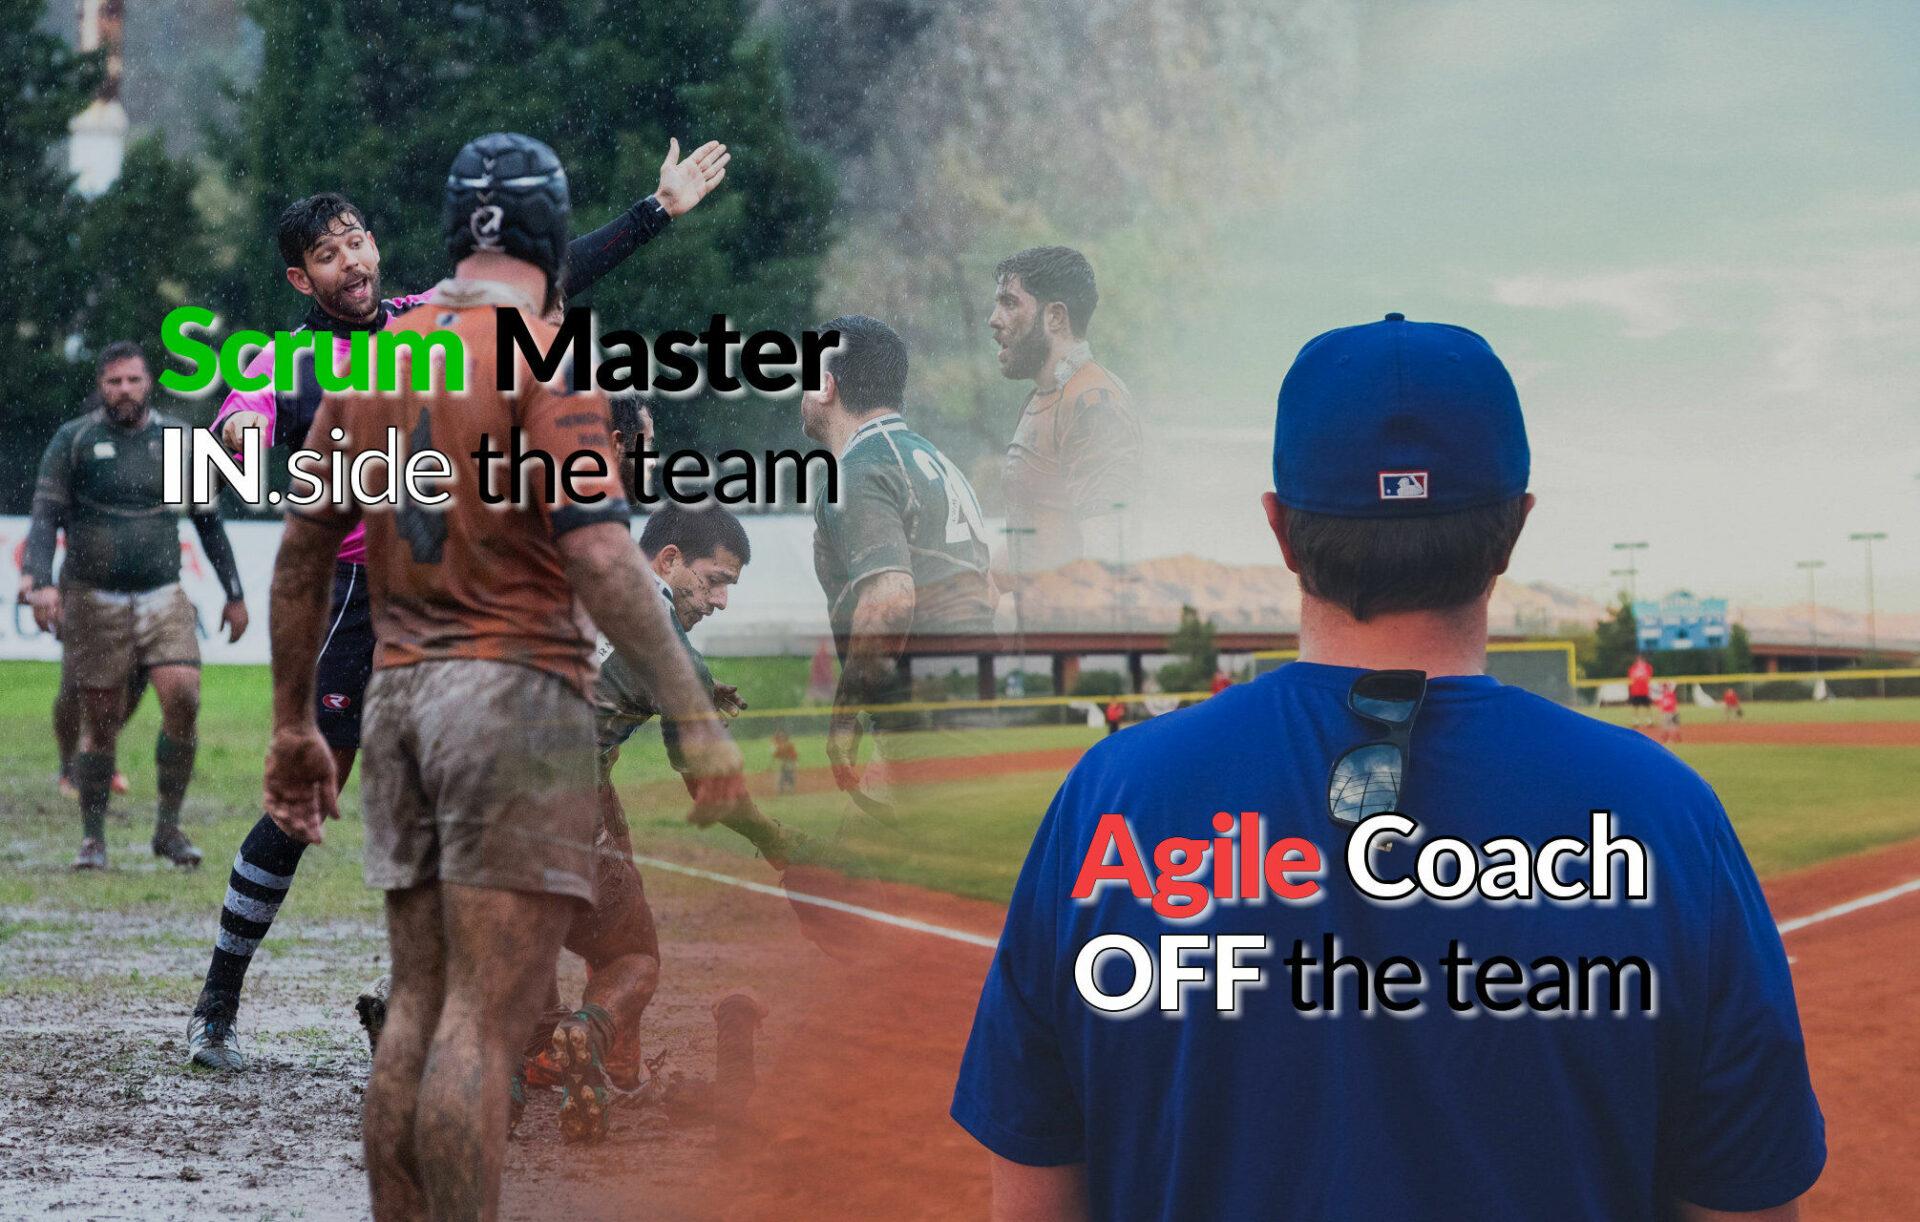 Scrum Master Agile Coach Unterschiede - Agilisten werden gebraucht. In dieser UND der anderen Rolle.